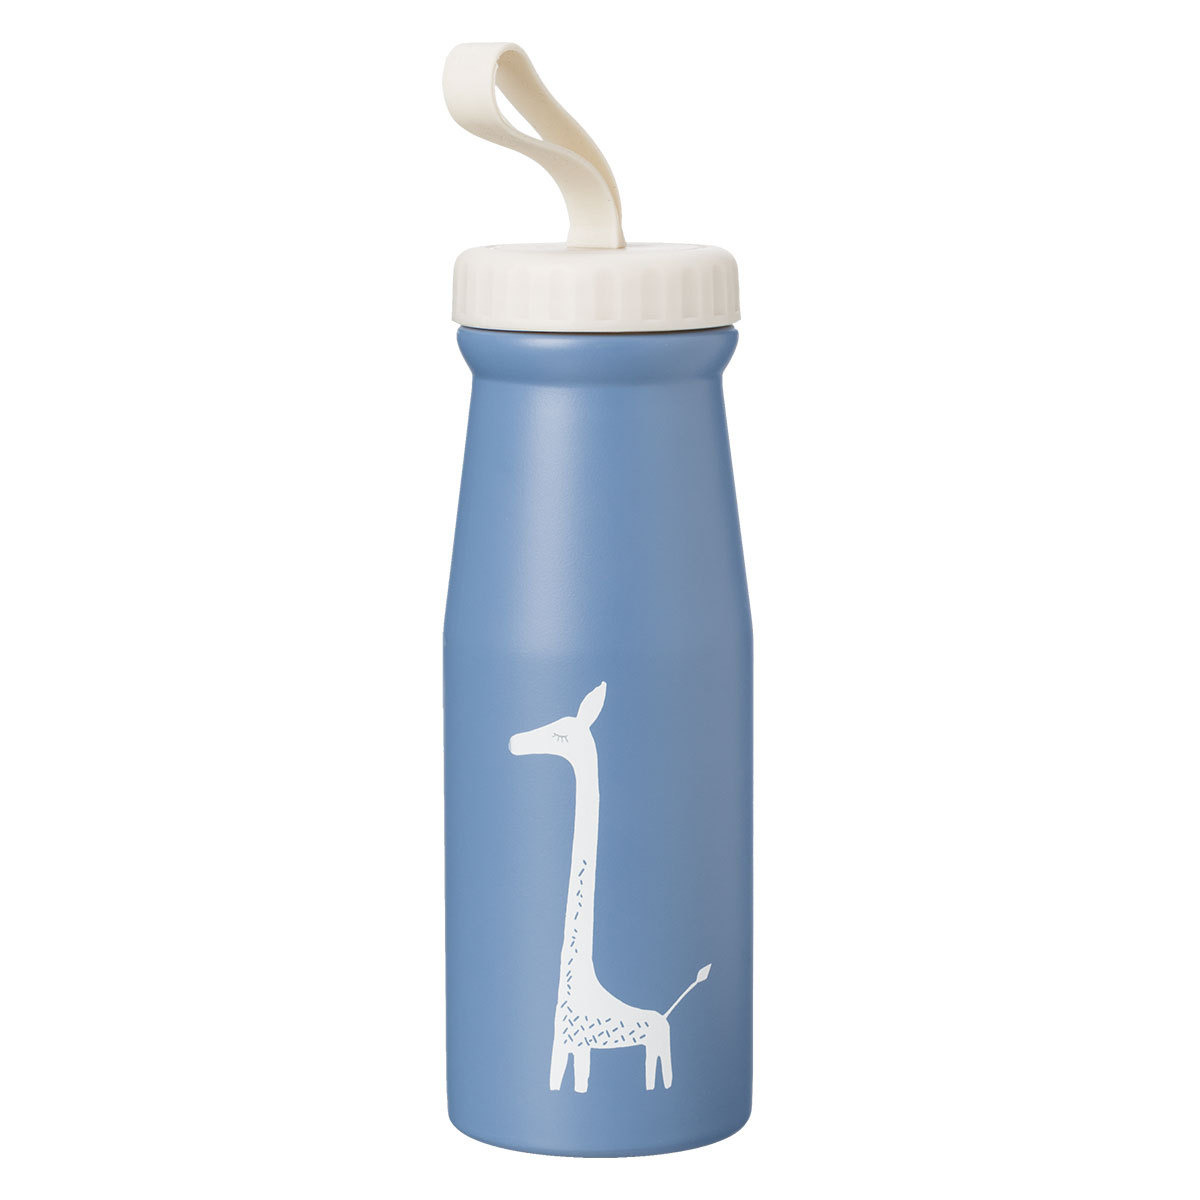 Tasse & Verre Gourde Isotherme Girafe - 380 ml Gourde Isotherme Girafe - 380 ml